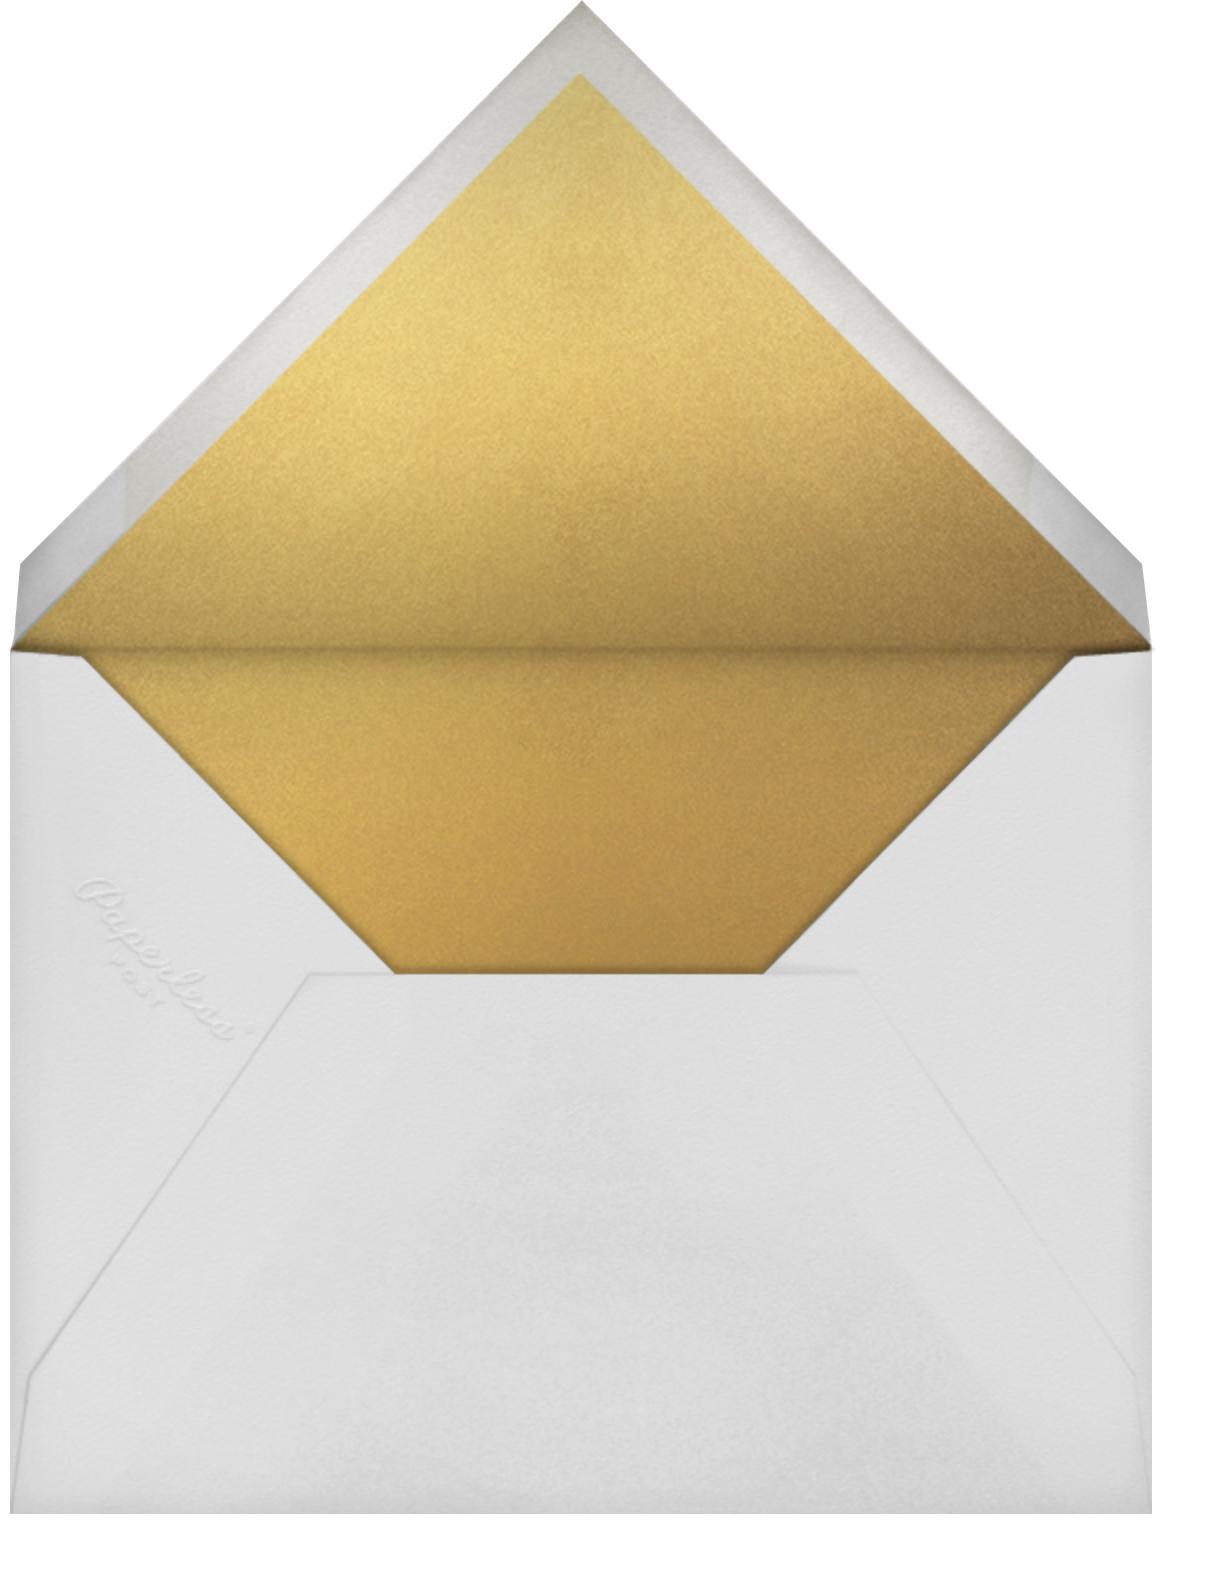 Cabbage Rose - Crane & Co. - All - envelope back